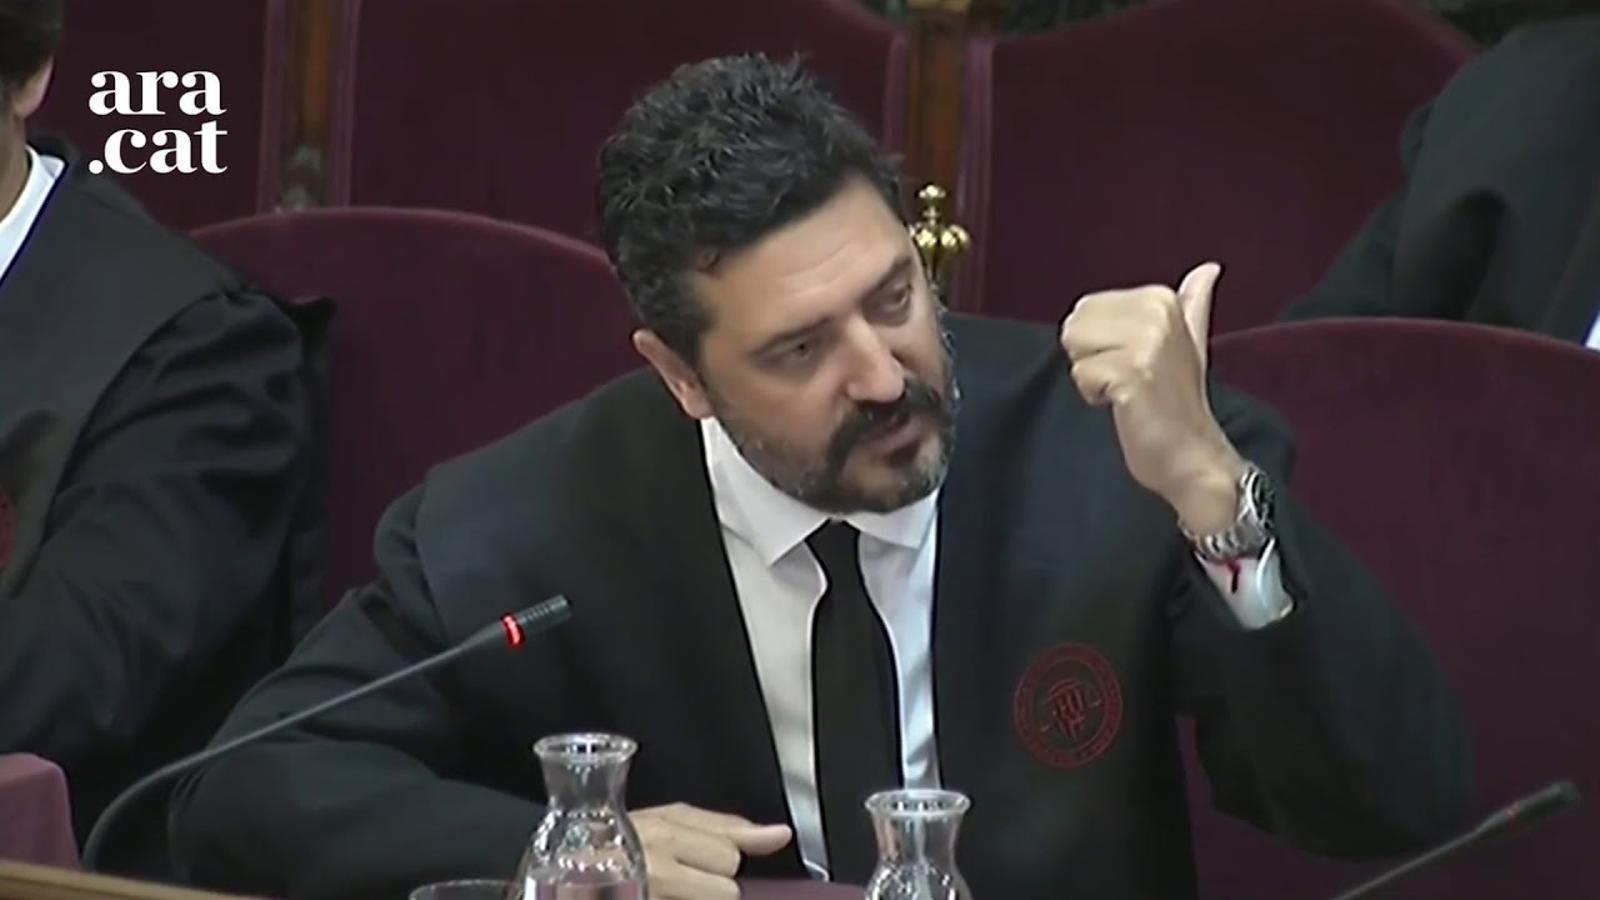 """Bergés: """"Bassa mai va demanar que els ciutadans defensessin les escoles o el material electoral"""""""